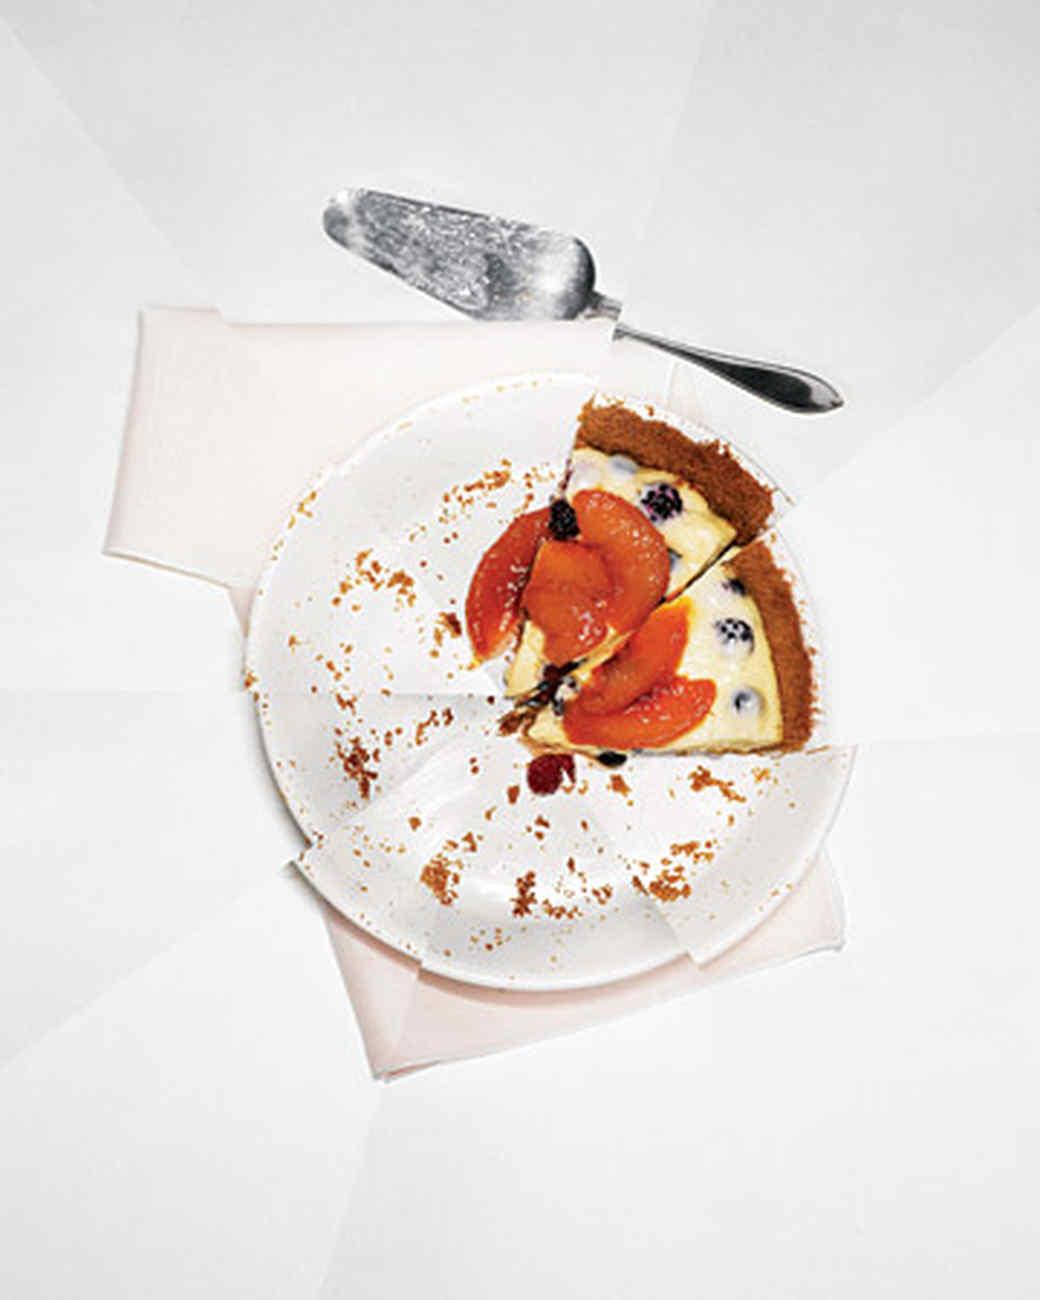 Summer Fruit Cream Pie